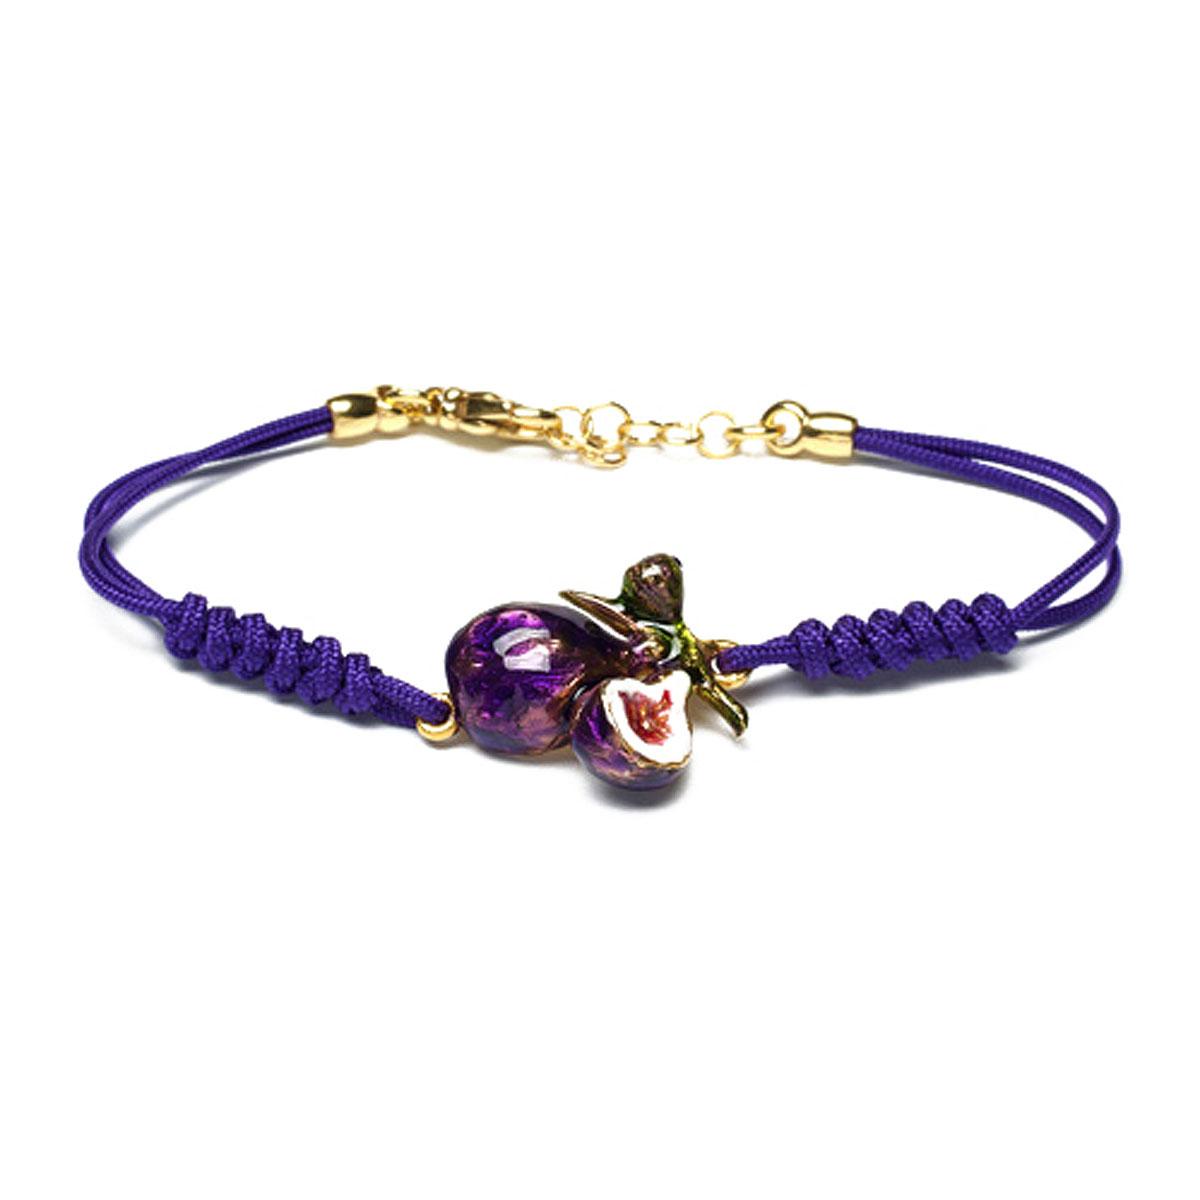 Image of Isola Bella Bracelet for Women, Violet Blue, Silver 925 Galvanized Gold, 2017